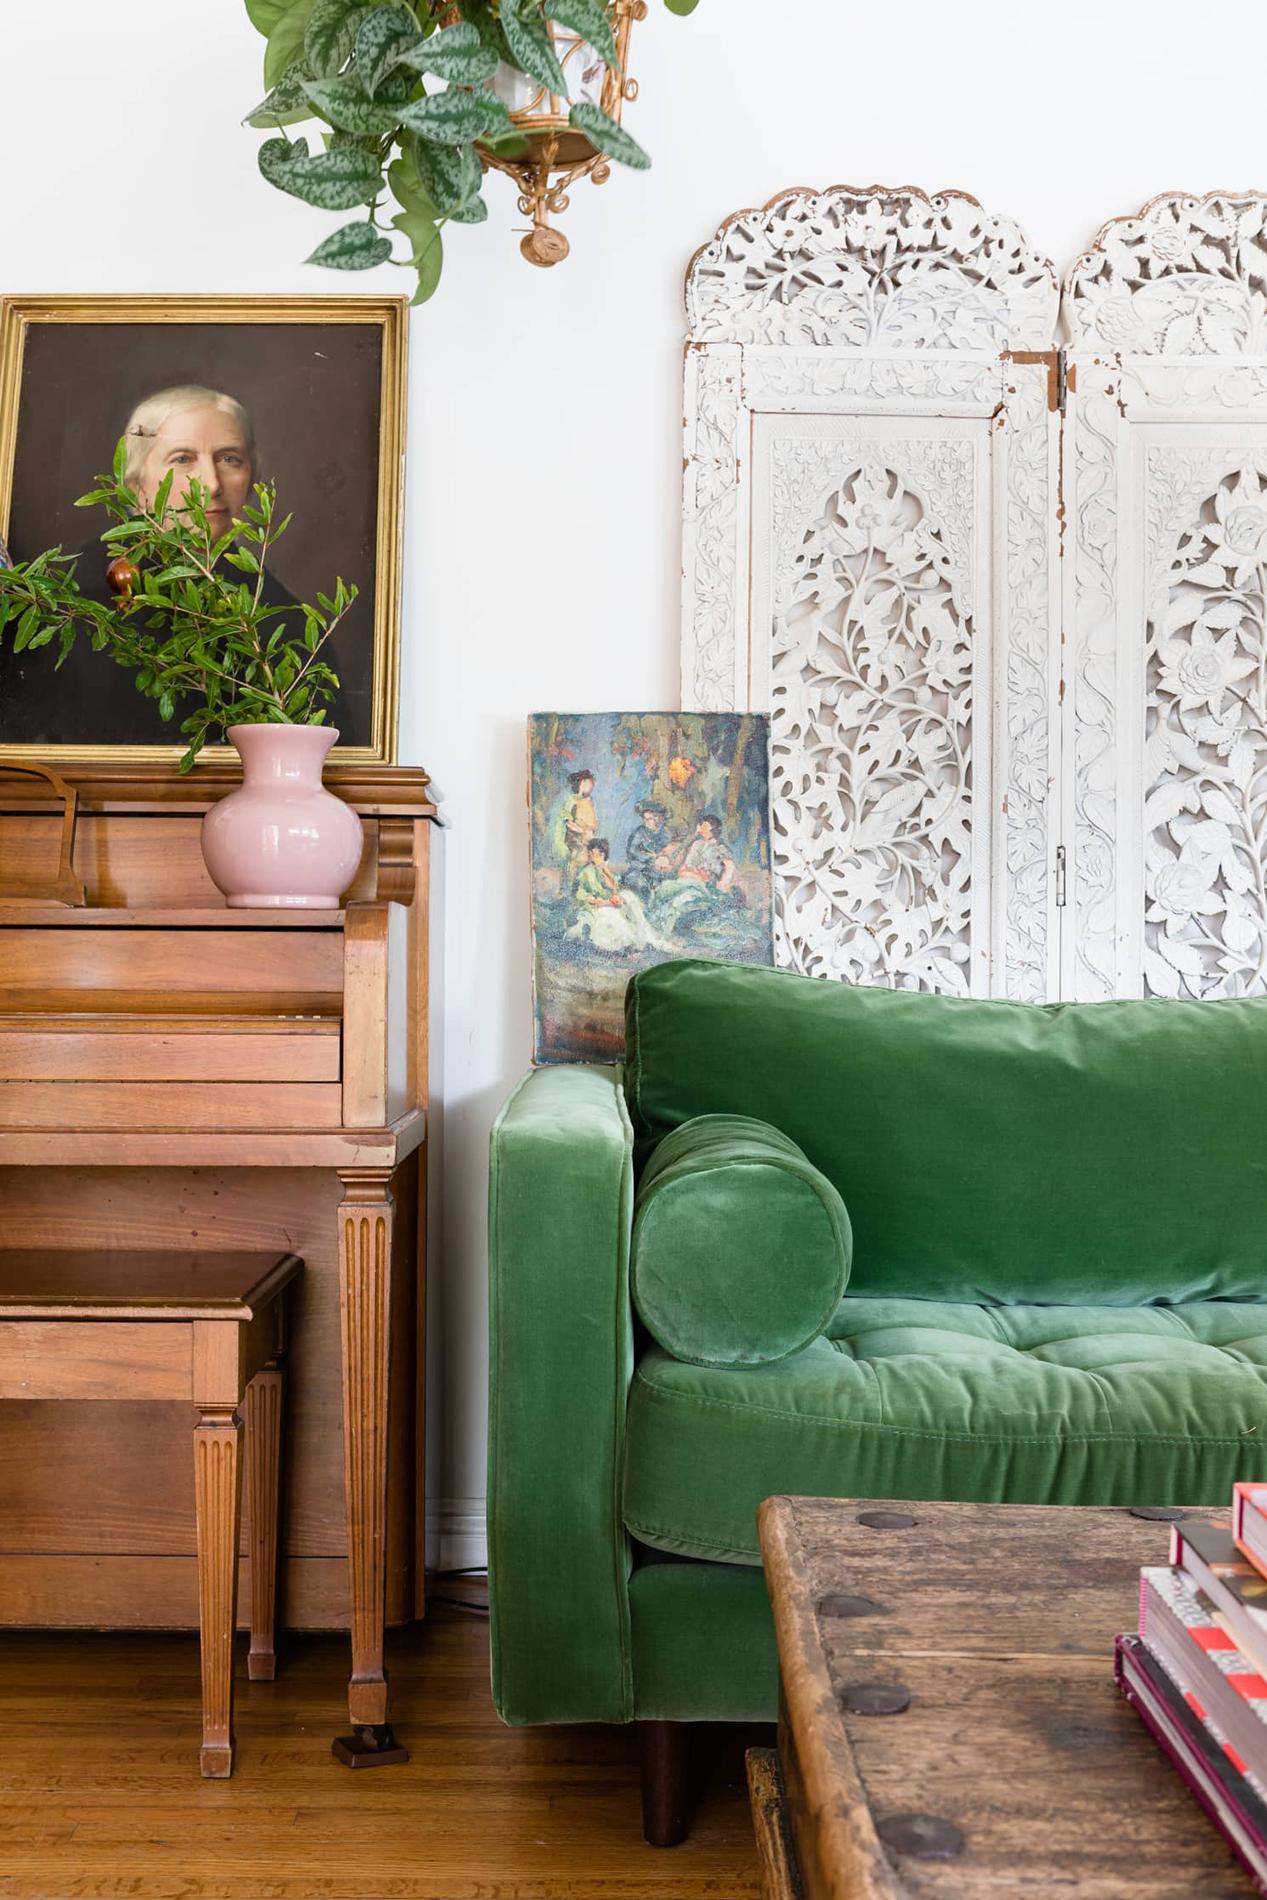 Яркий интерьер и оригинальный декор